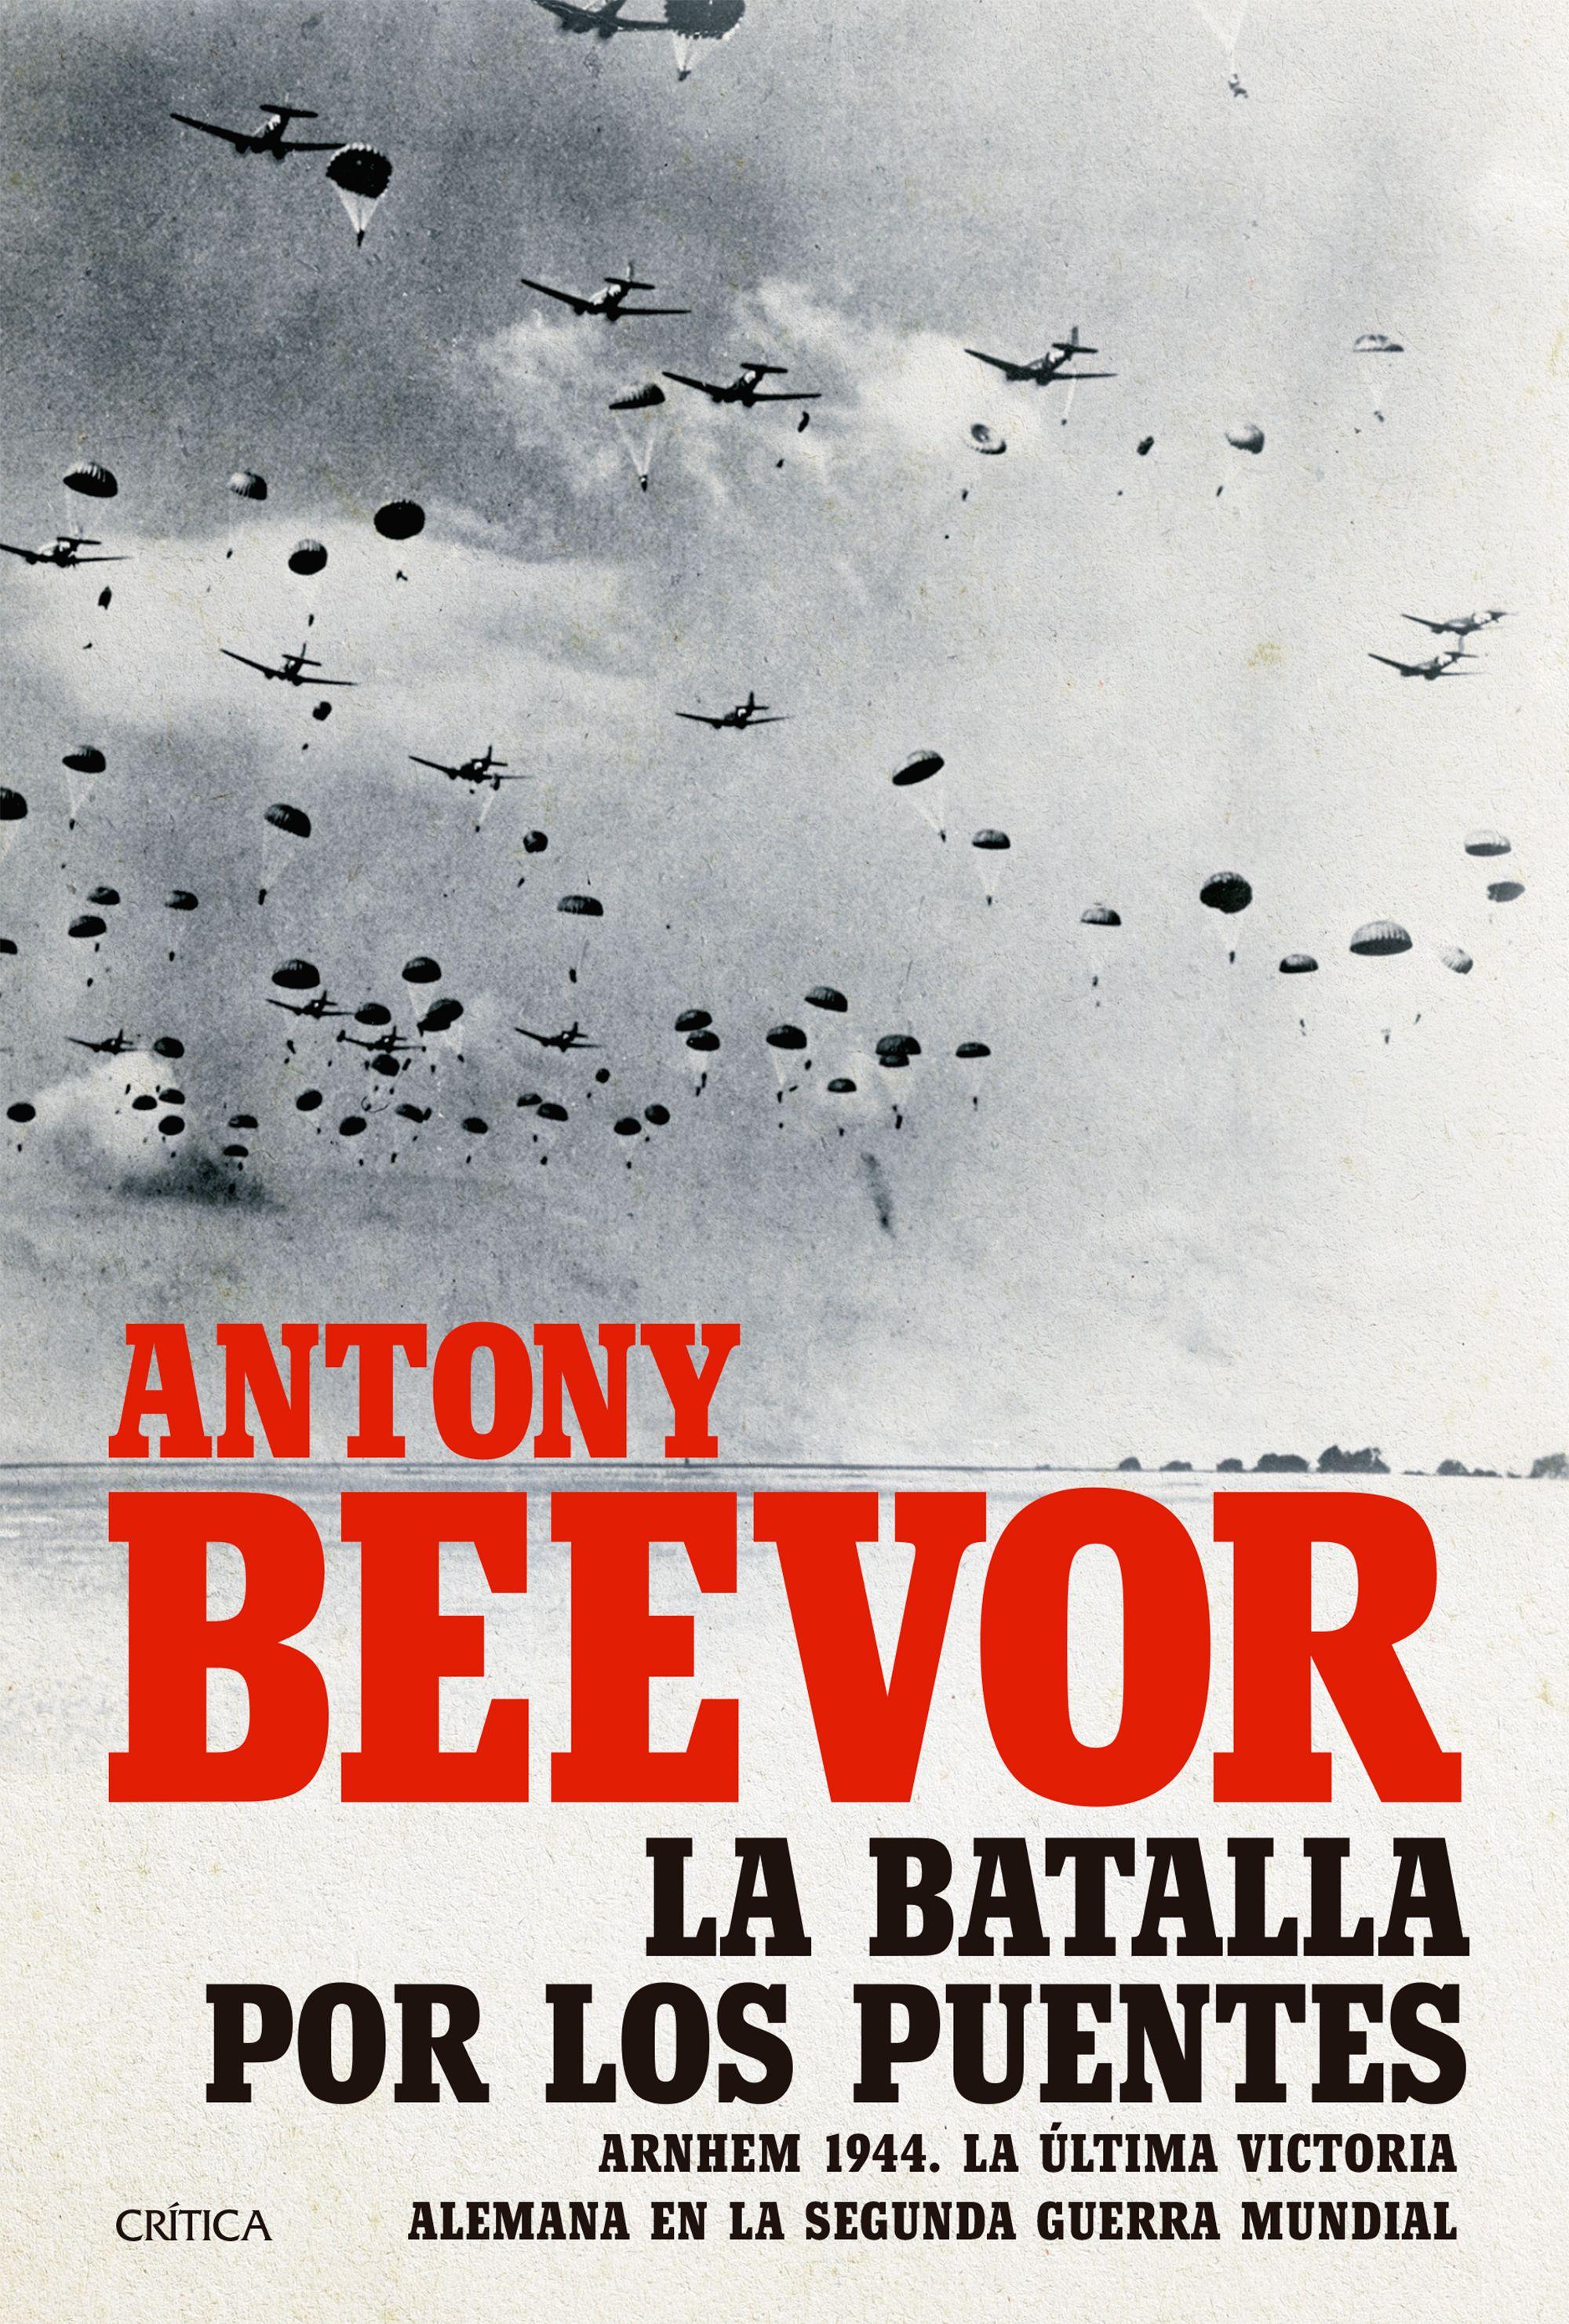 La Batalla por los Puentes - Antony Beevor - Crítica